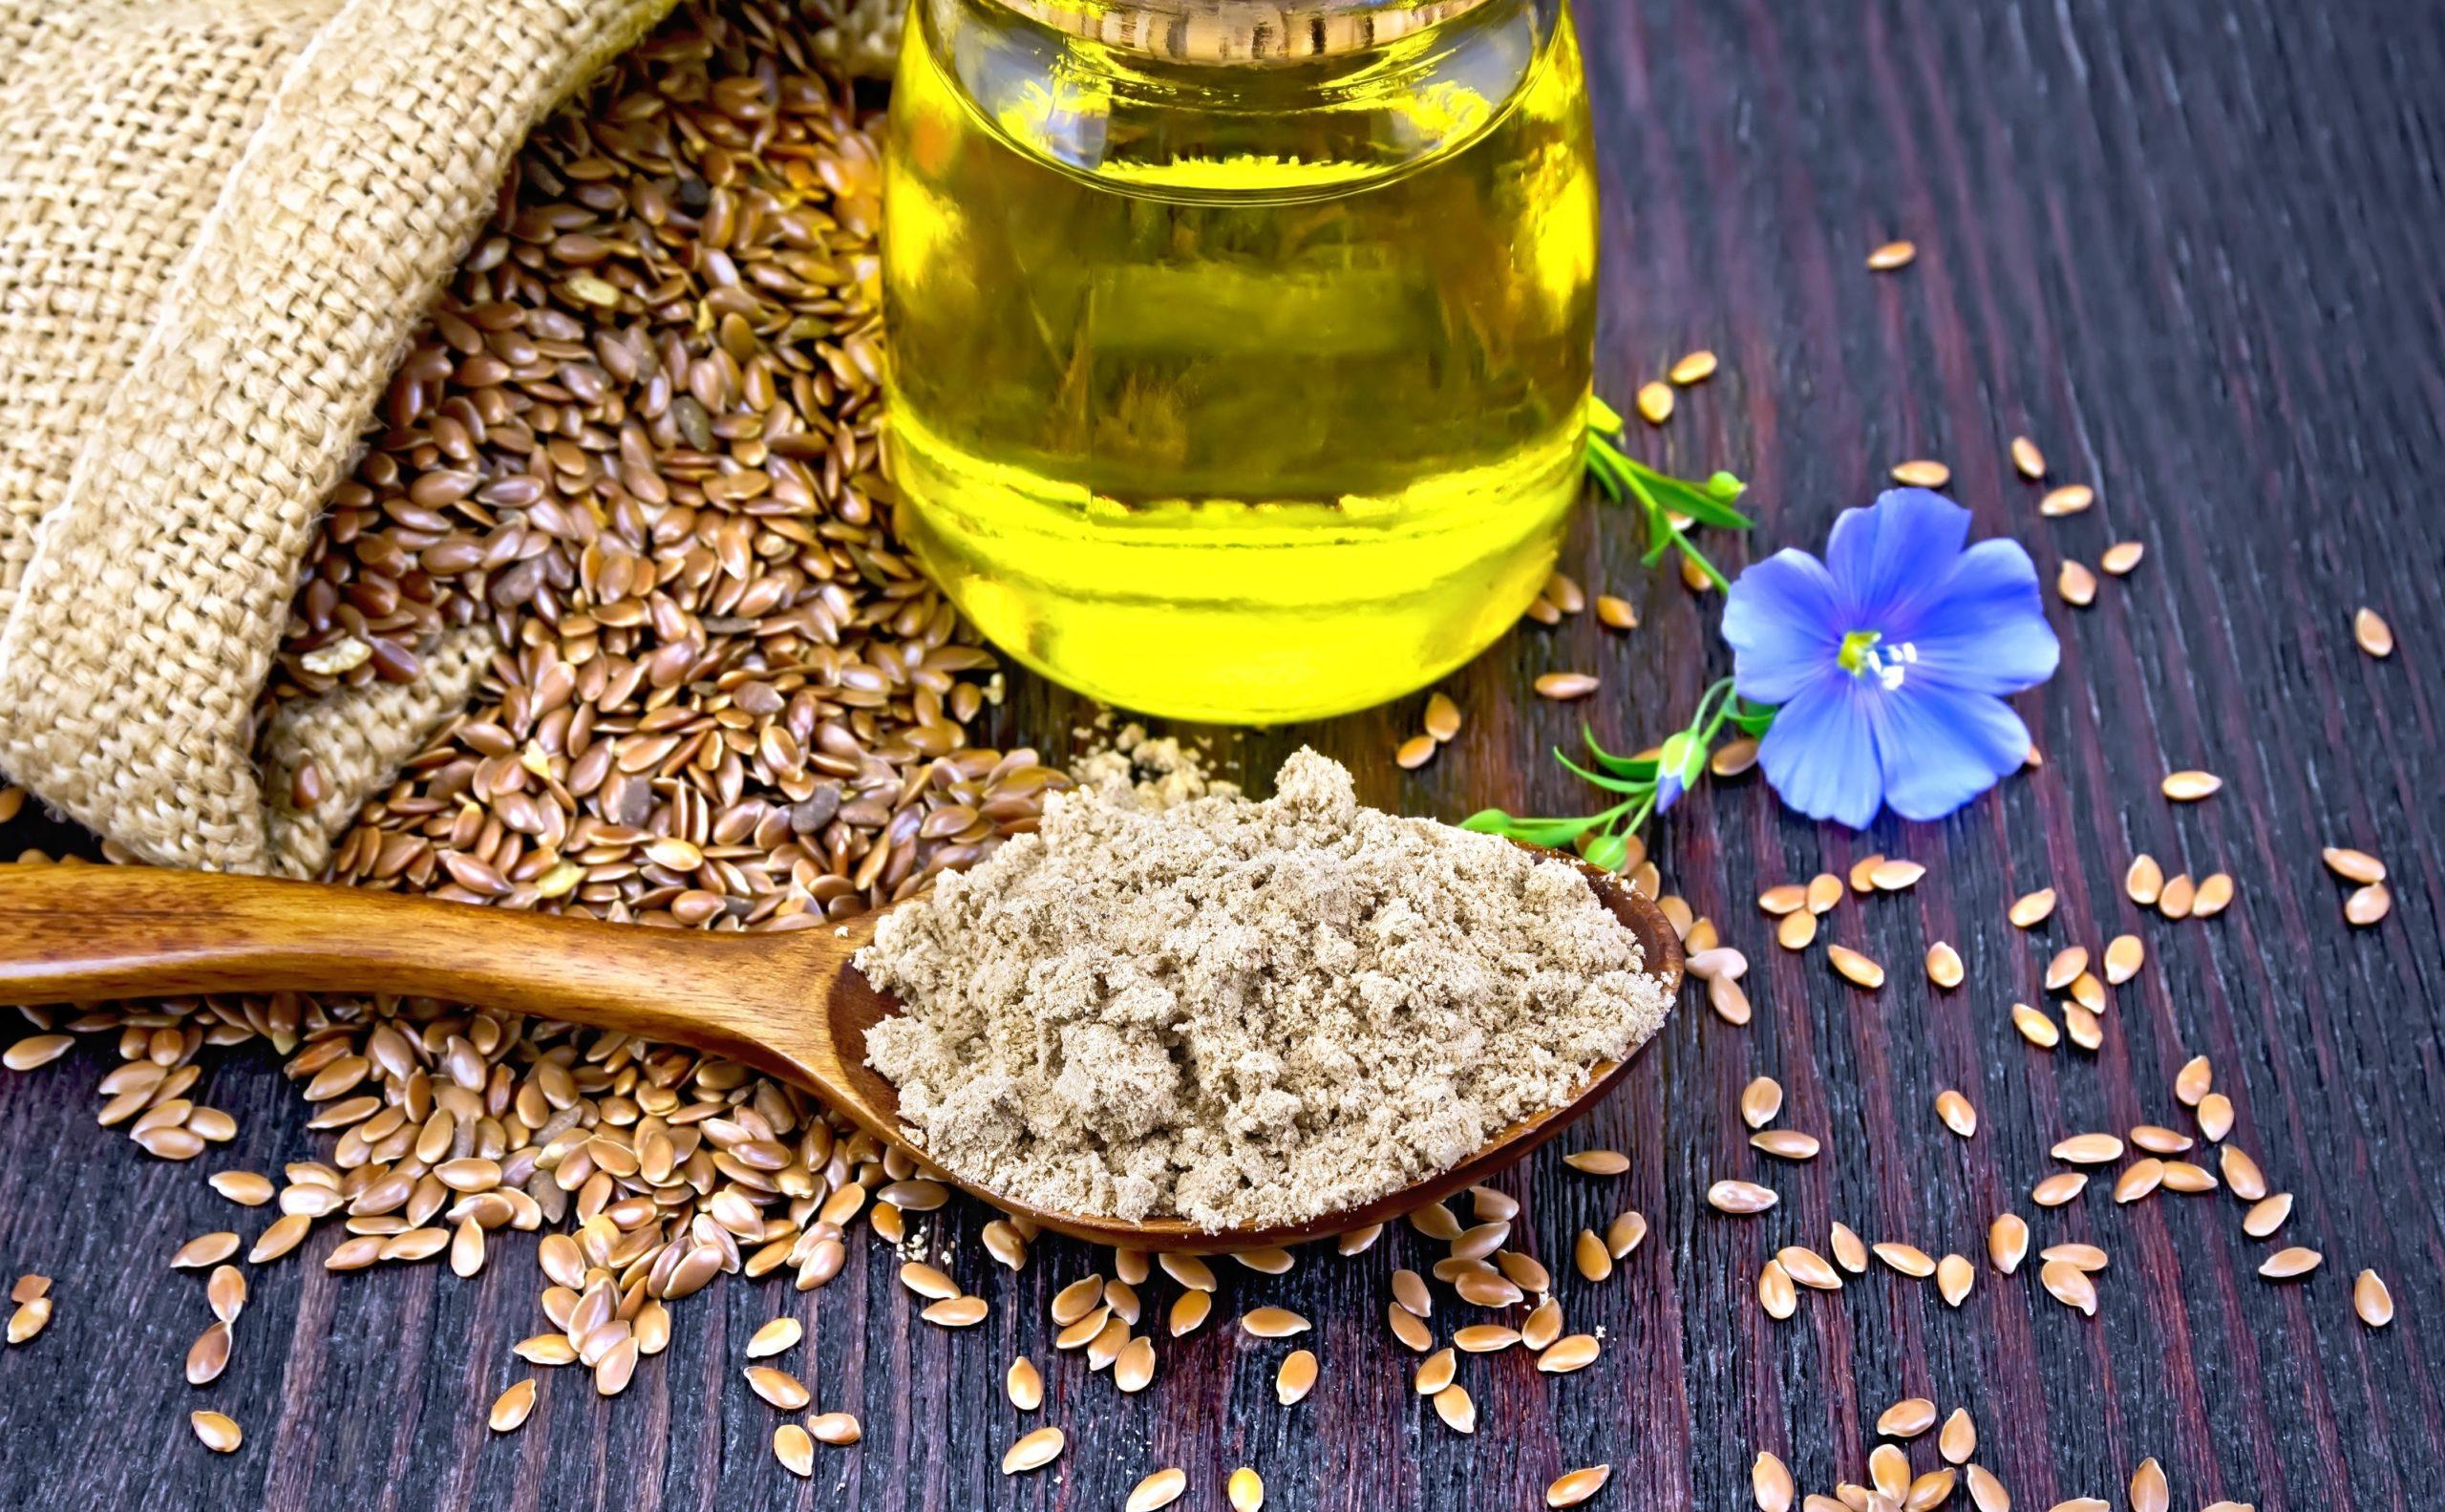 Семена льна в мешочке, льняное масло в стакане и льняная мука в ложке на деревянном столе